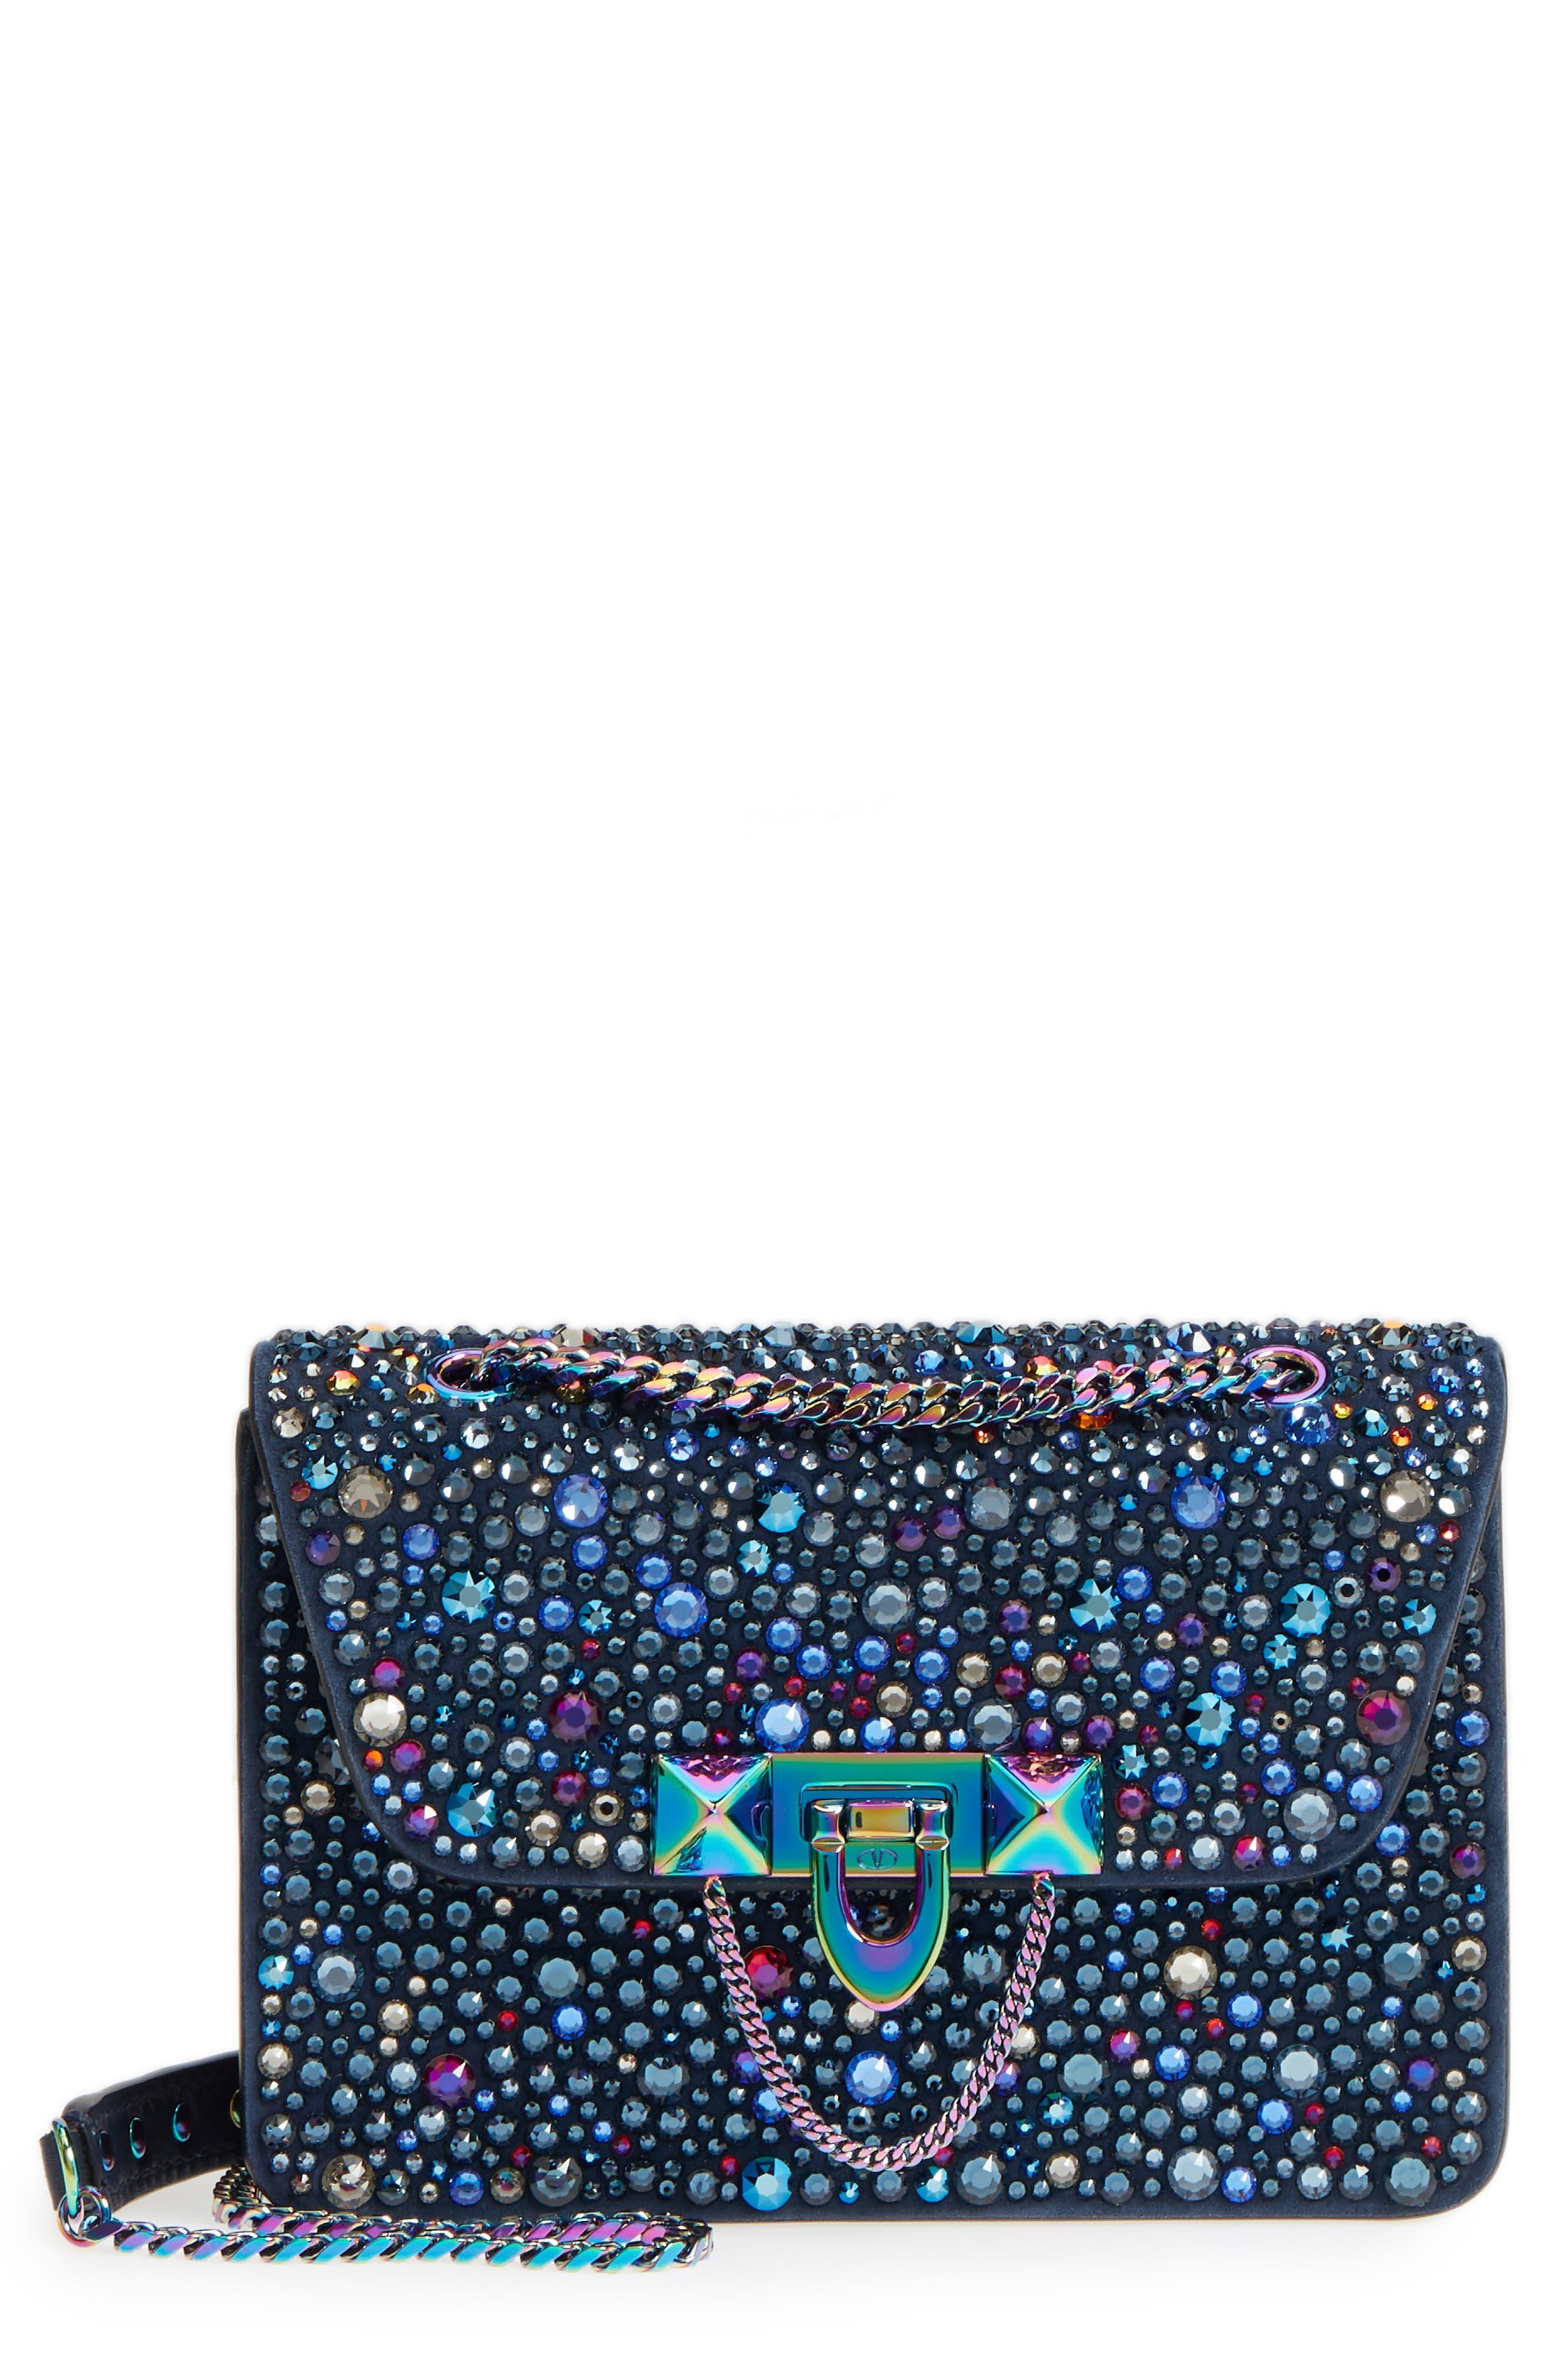 VALENTINO GARAVANI Crystal Embellished Mini Shoulder Bag